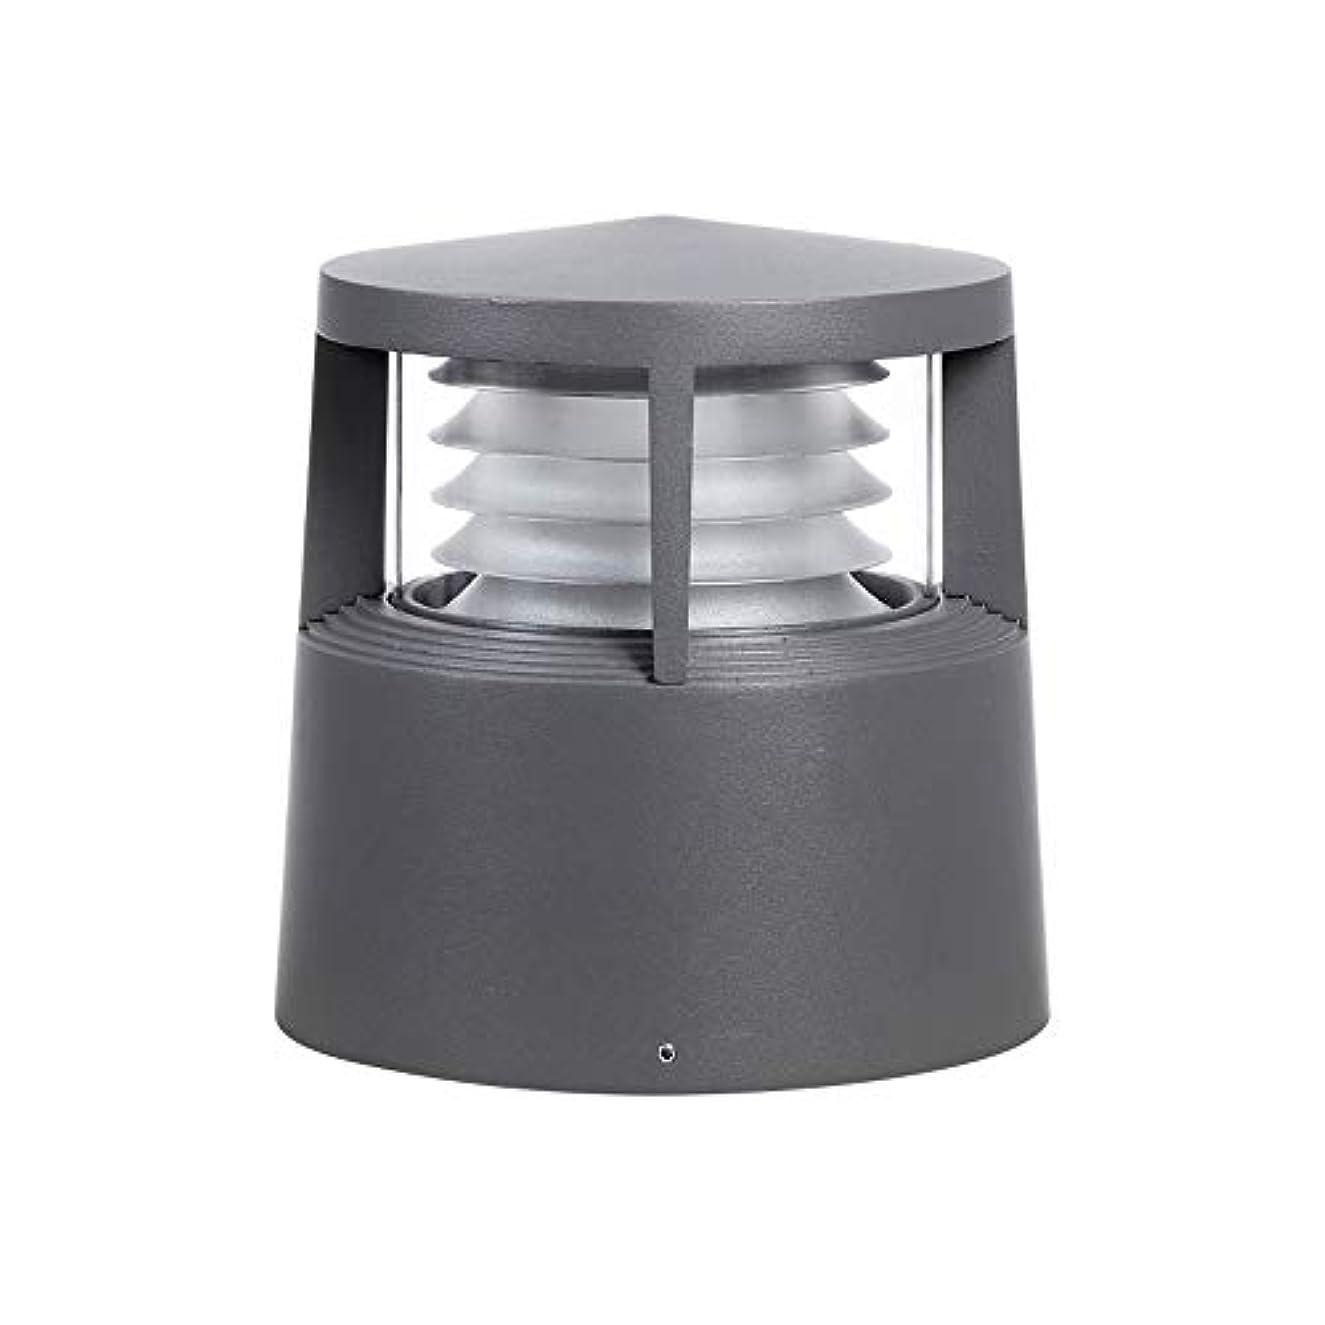 最終話す寄付Pinjeer E27モダンシンプルな防水屋外PCのポストライティング高さ21センチメートルメタルアルミコラムランプヴィラホームストリートガーデンコートヤードデコーディング照明ピラーライト